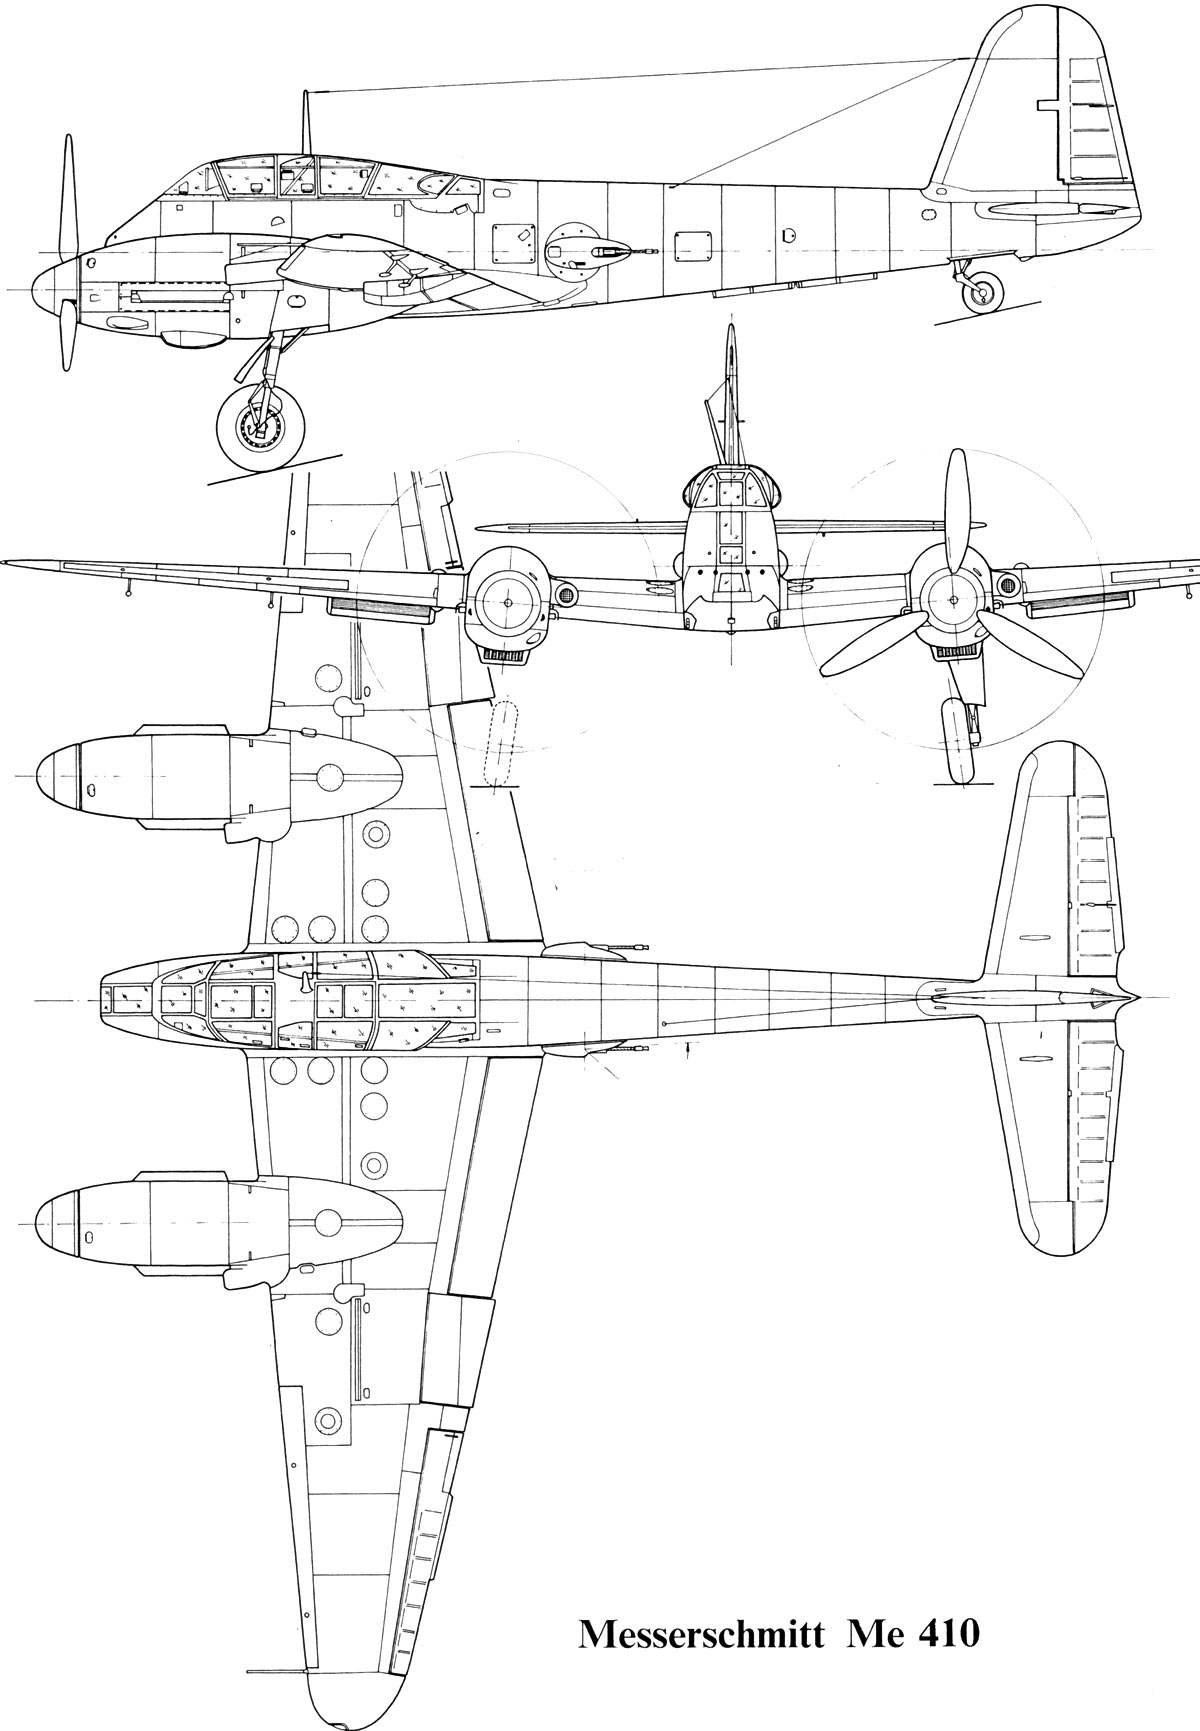 Чертеж тяжелого истребителя Мессершмитт Me-410